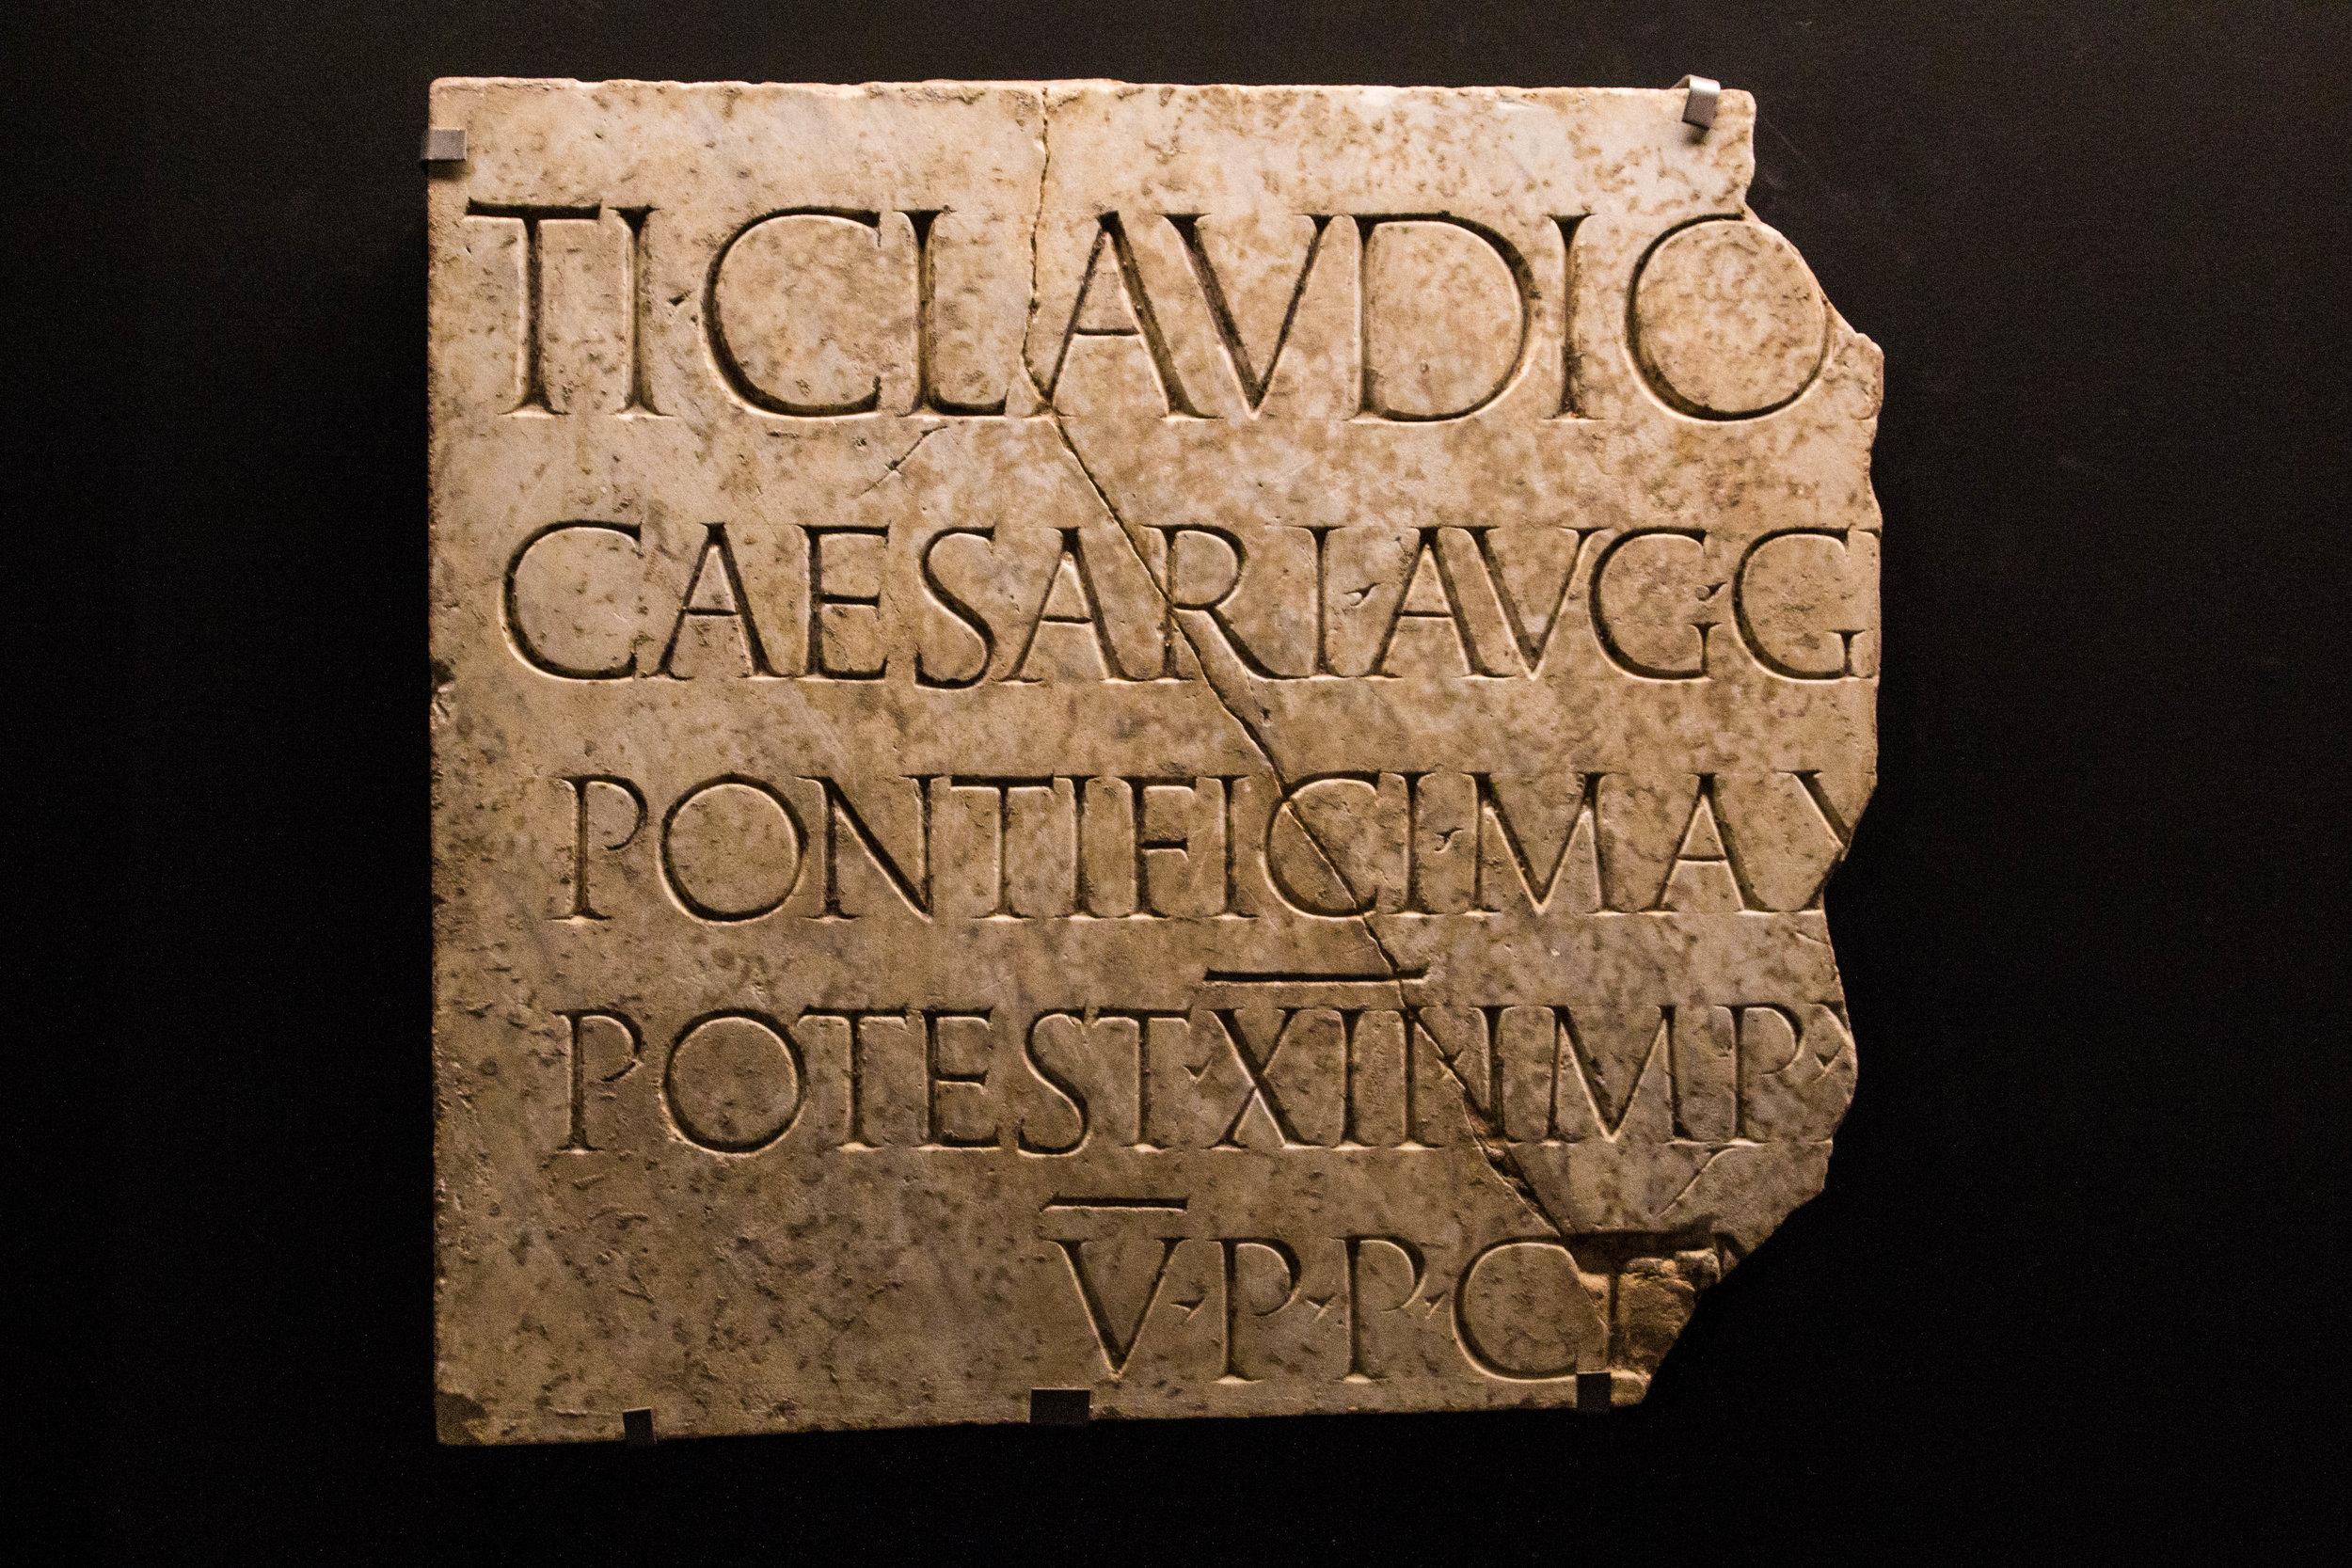 museo-civico-castello-ursino-catania-sicily-7.jpg